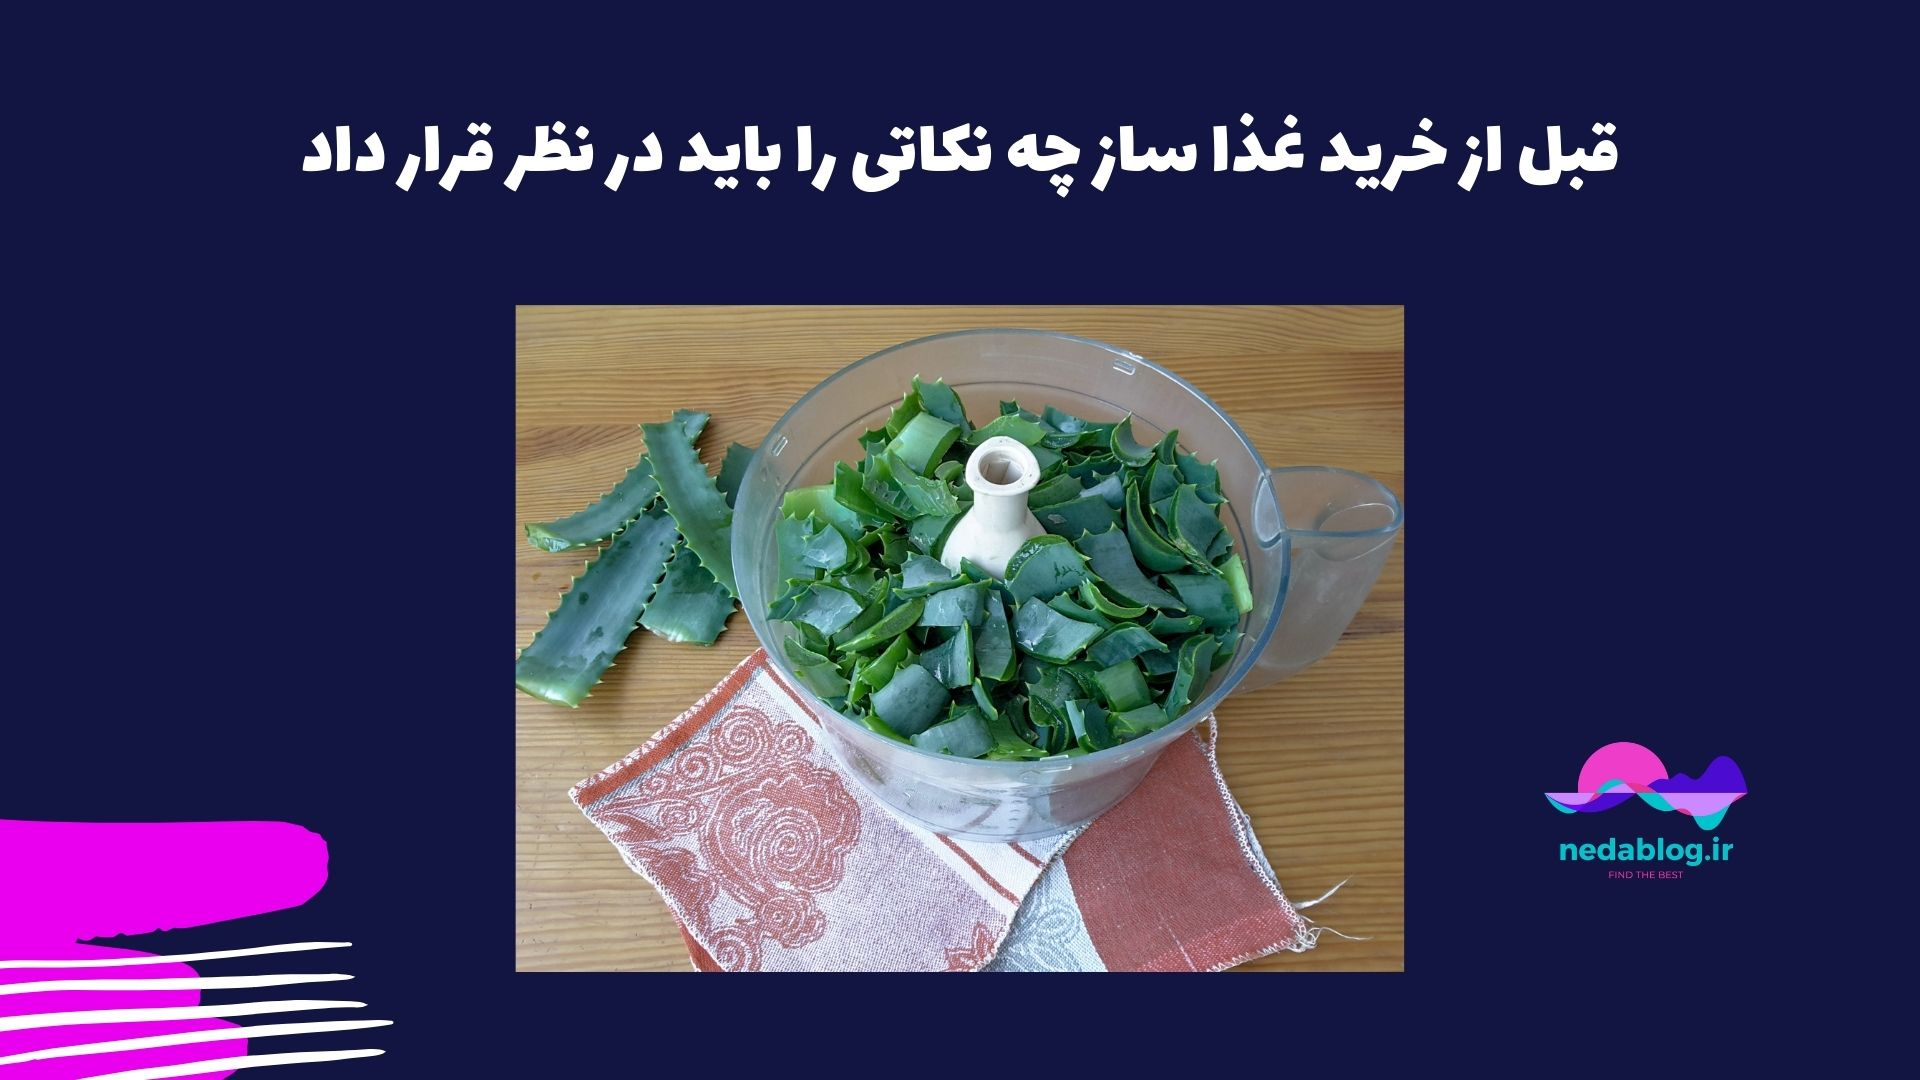 قبل از خرید غذا ساز چه نکاتی را باید در نظر قرار داد